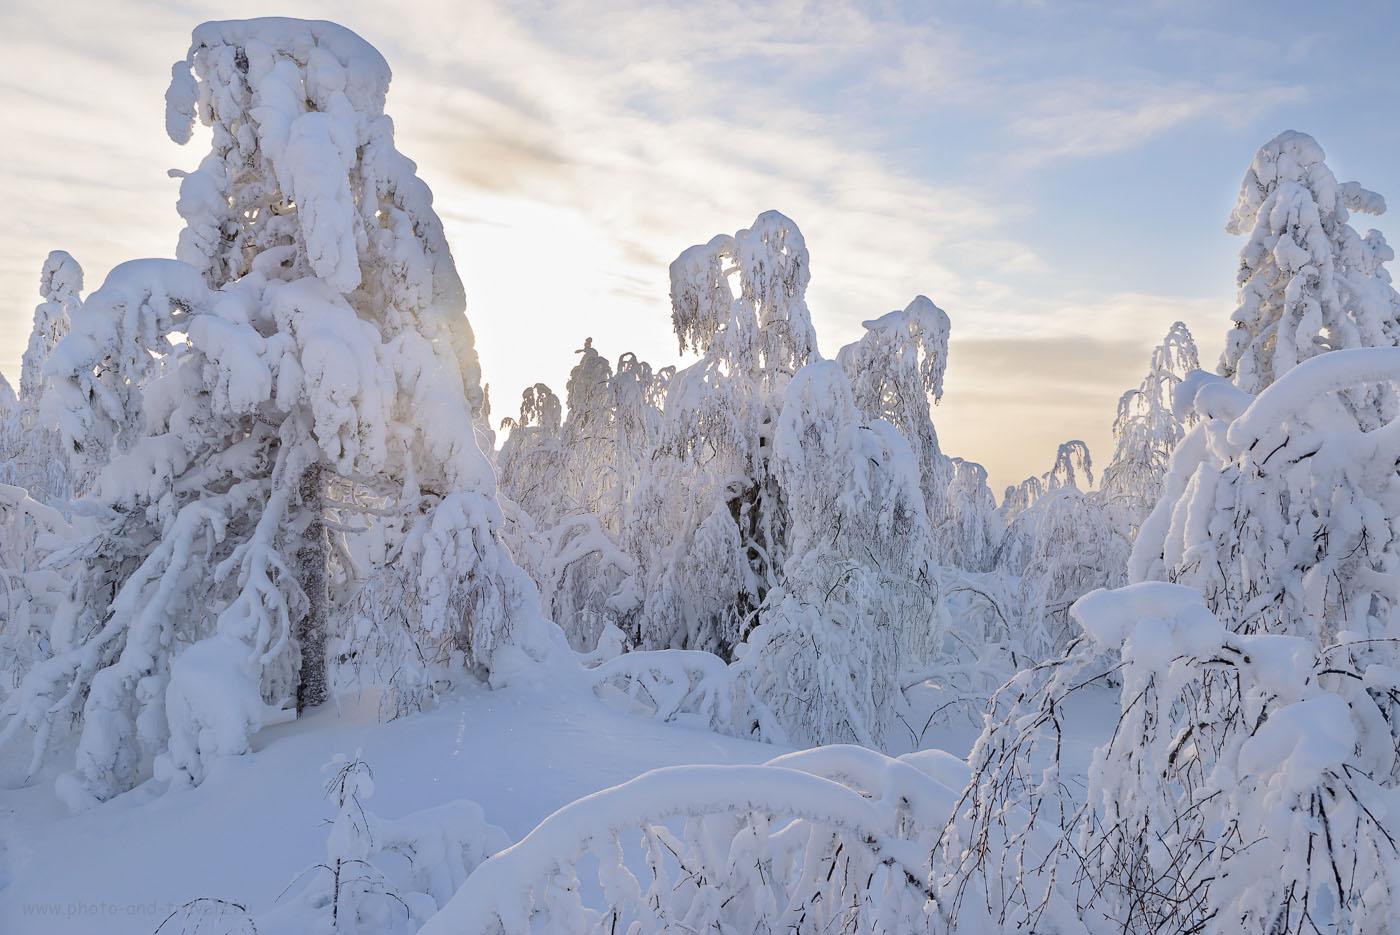 Фото 12. Тайга в окрестностях Каменного города зимой. Поездка на автомобиле по интересным местам Пермского края. 1/160, +2.0, 8.0, 200, 24.